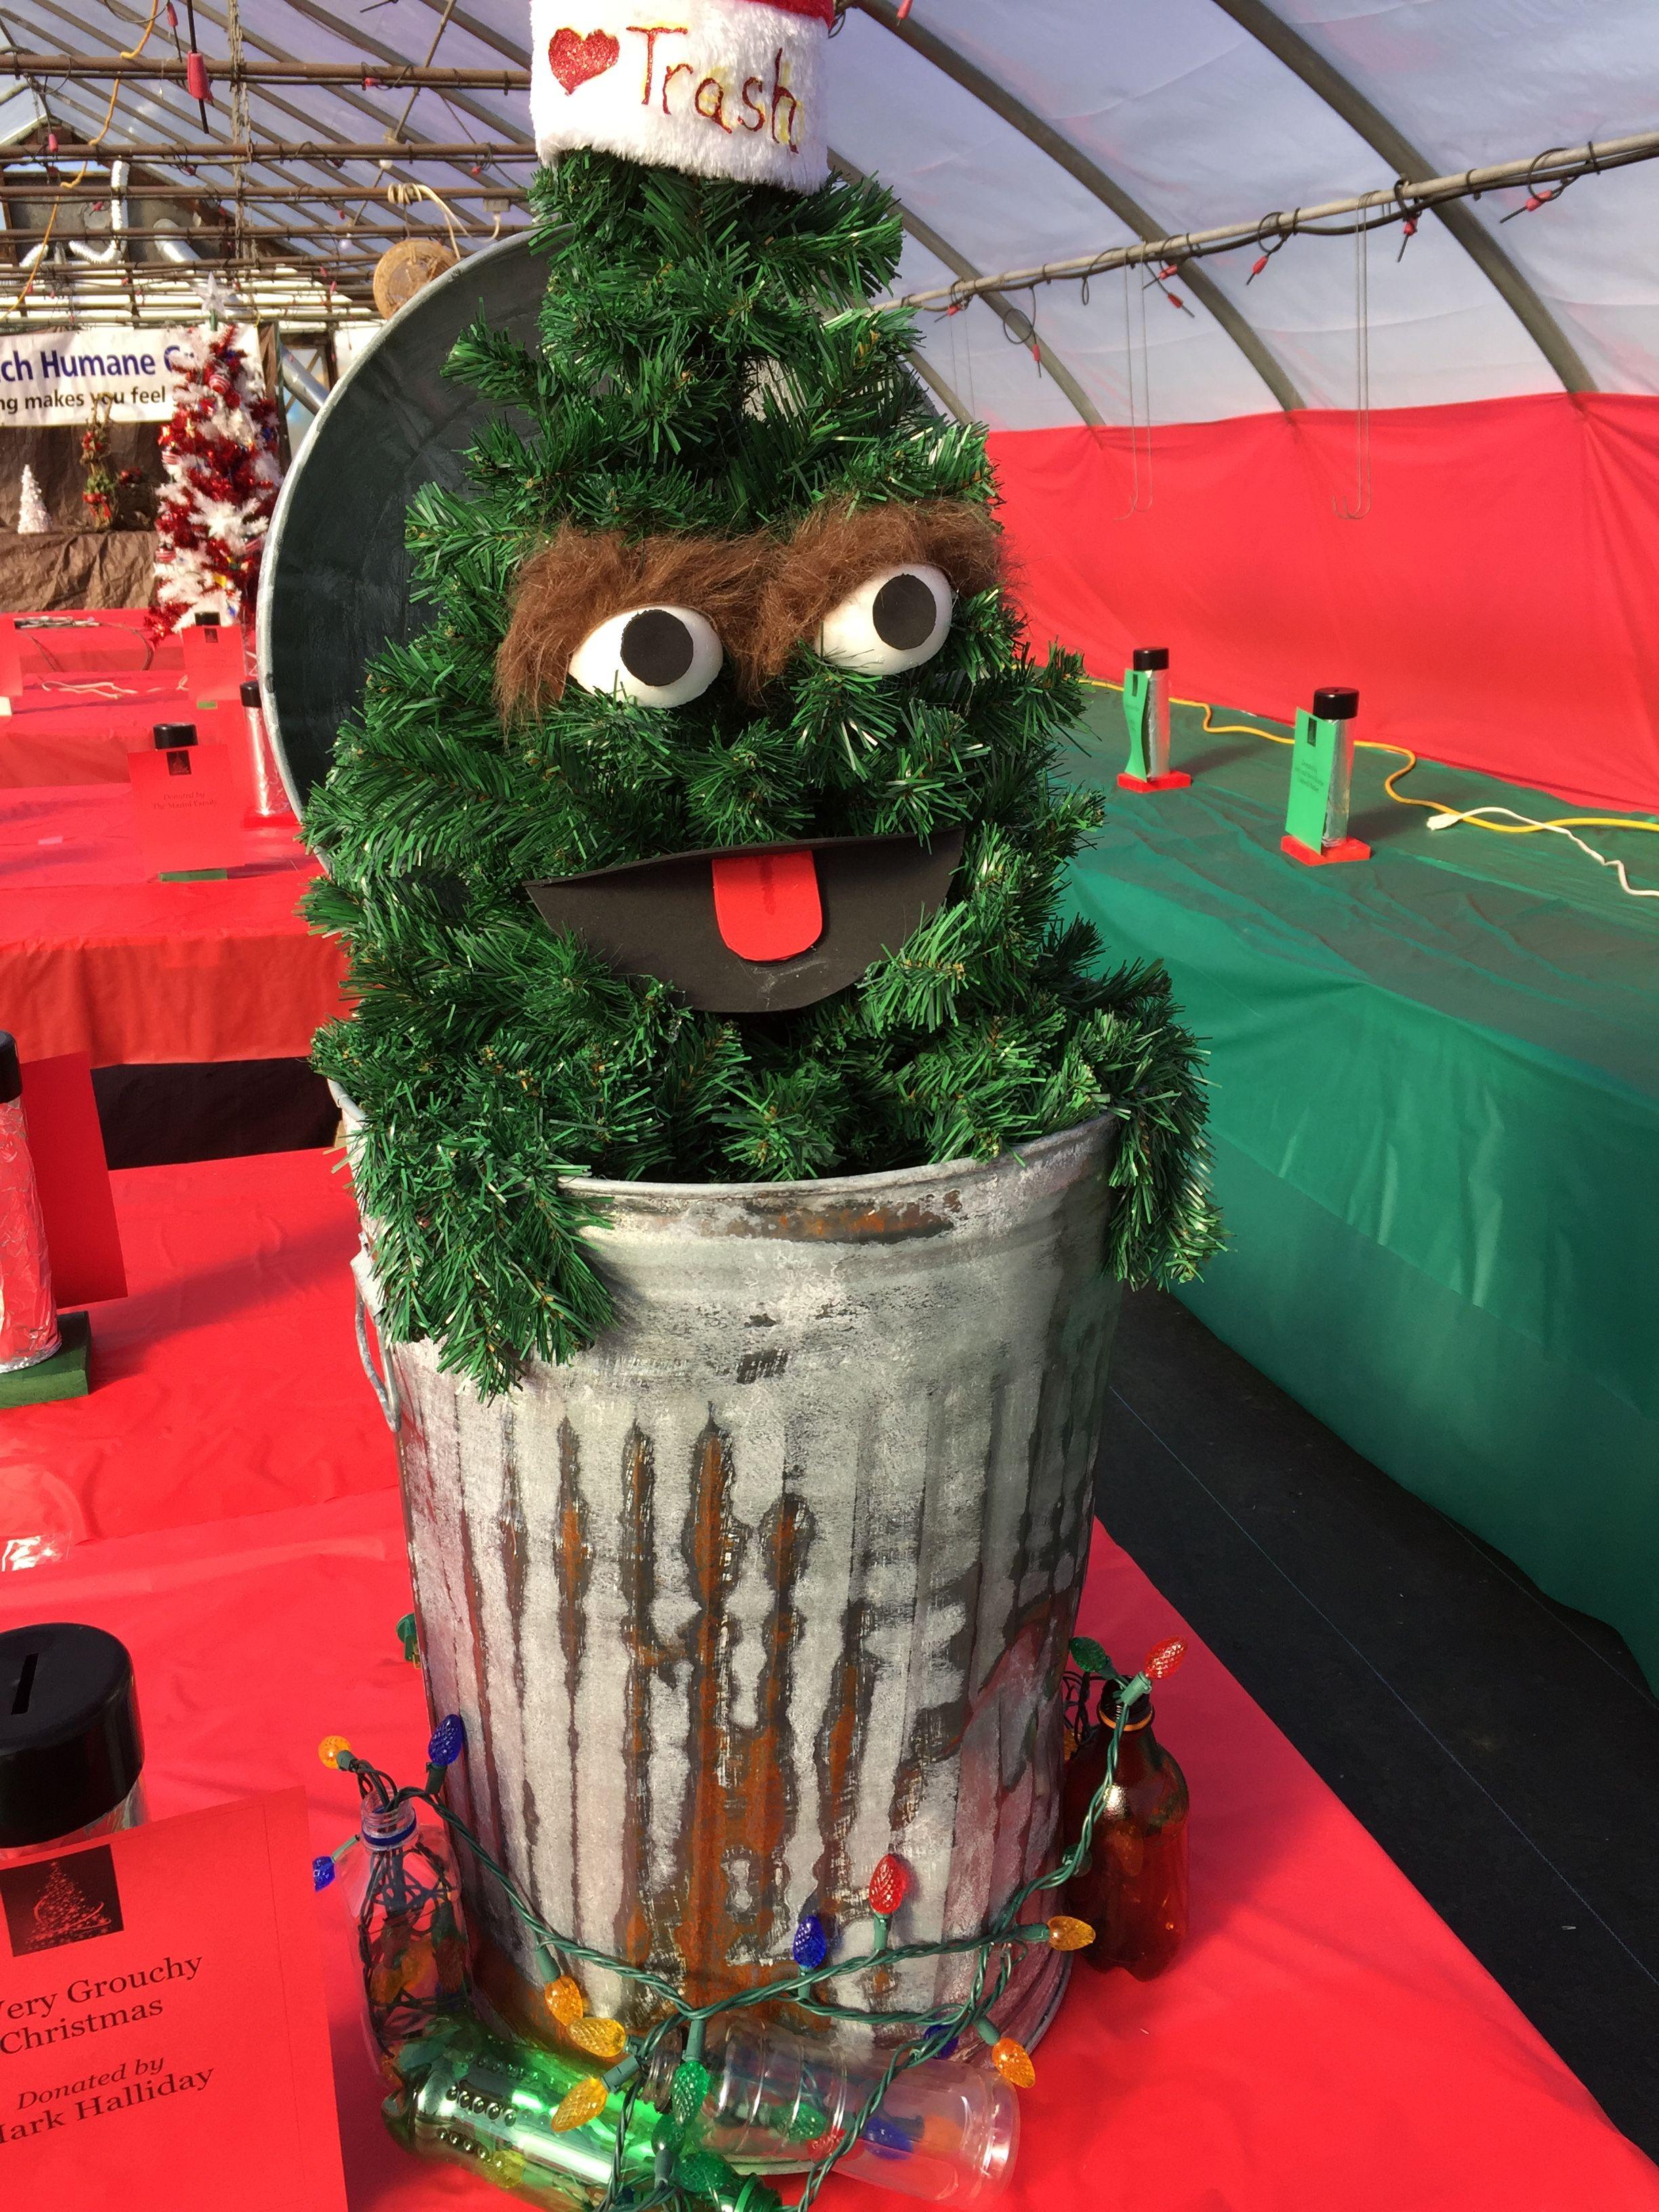 Oscar the Grouch Christmas Tree. Creative Christmas tree